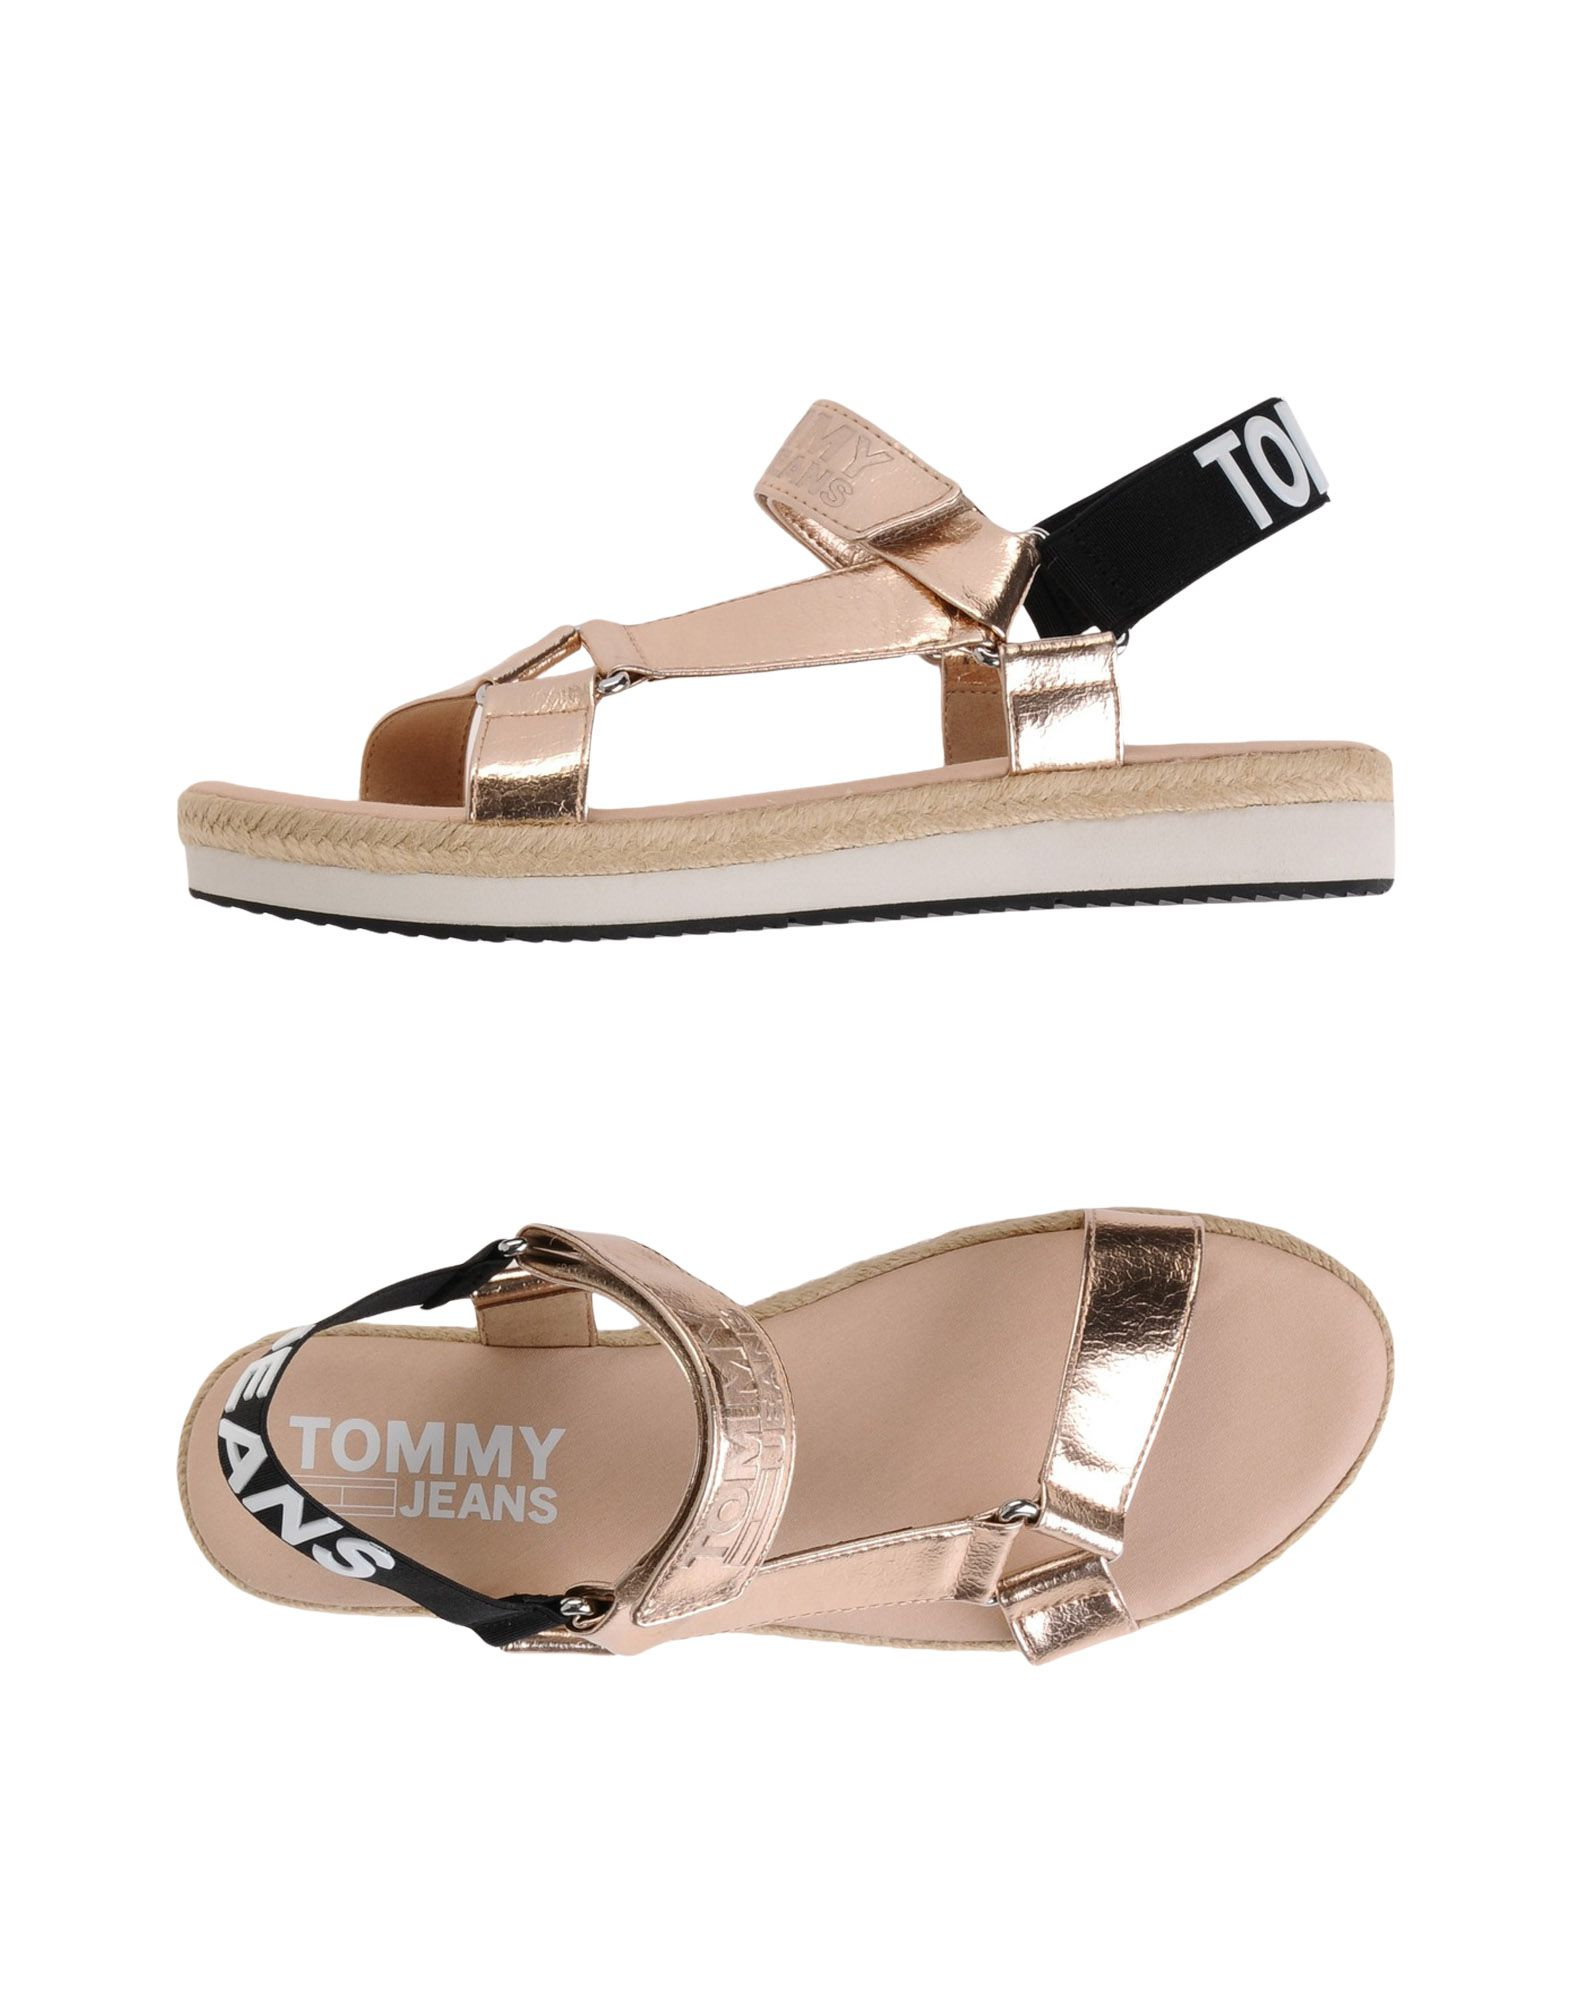 Tommy Jeans Sandalen Damen beliebte  11470970VX Gute Qualität beliebte Damen Schuhe 09d57f